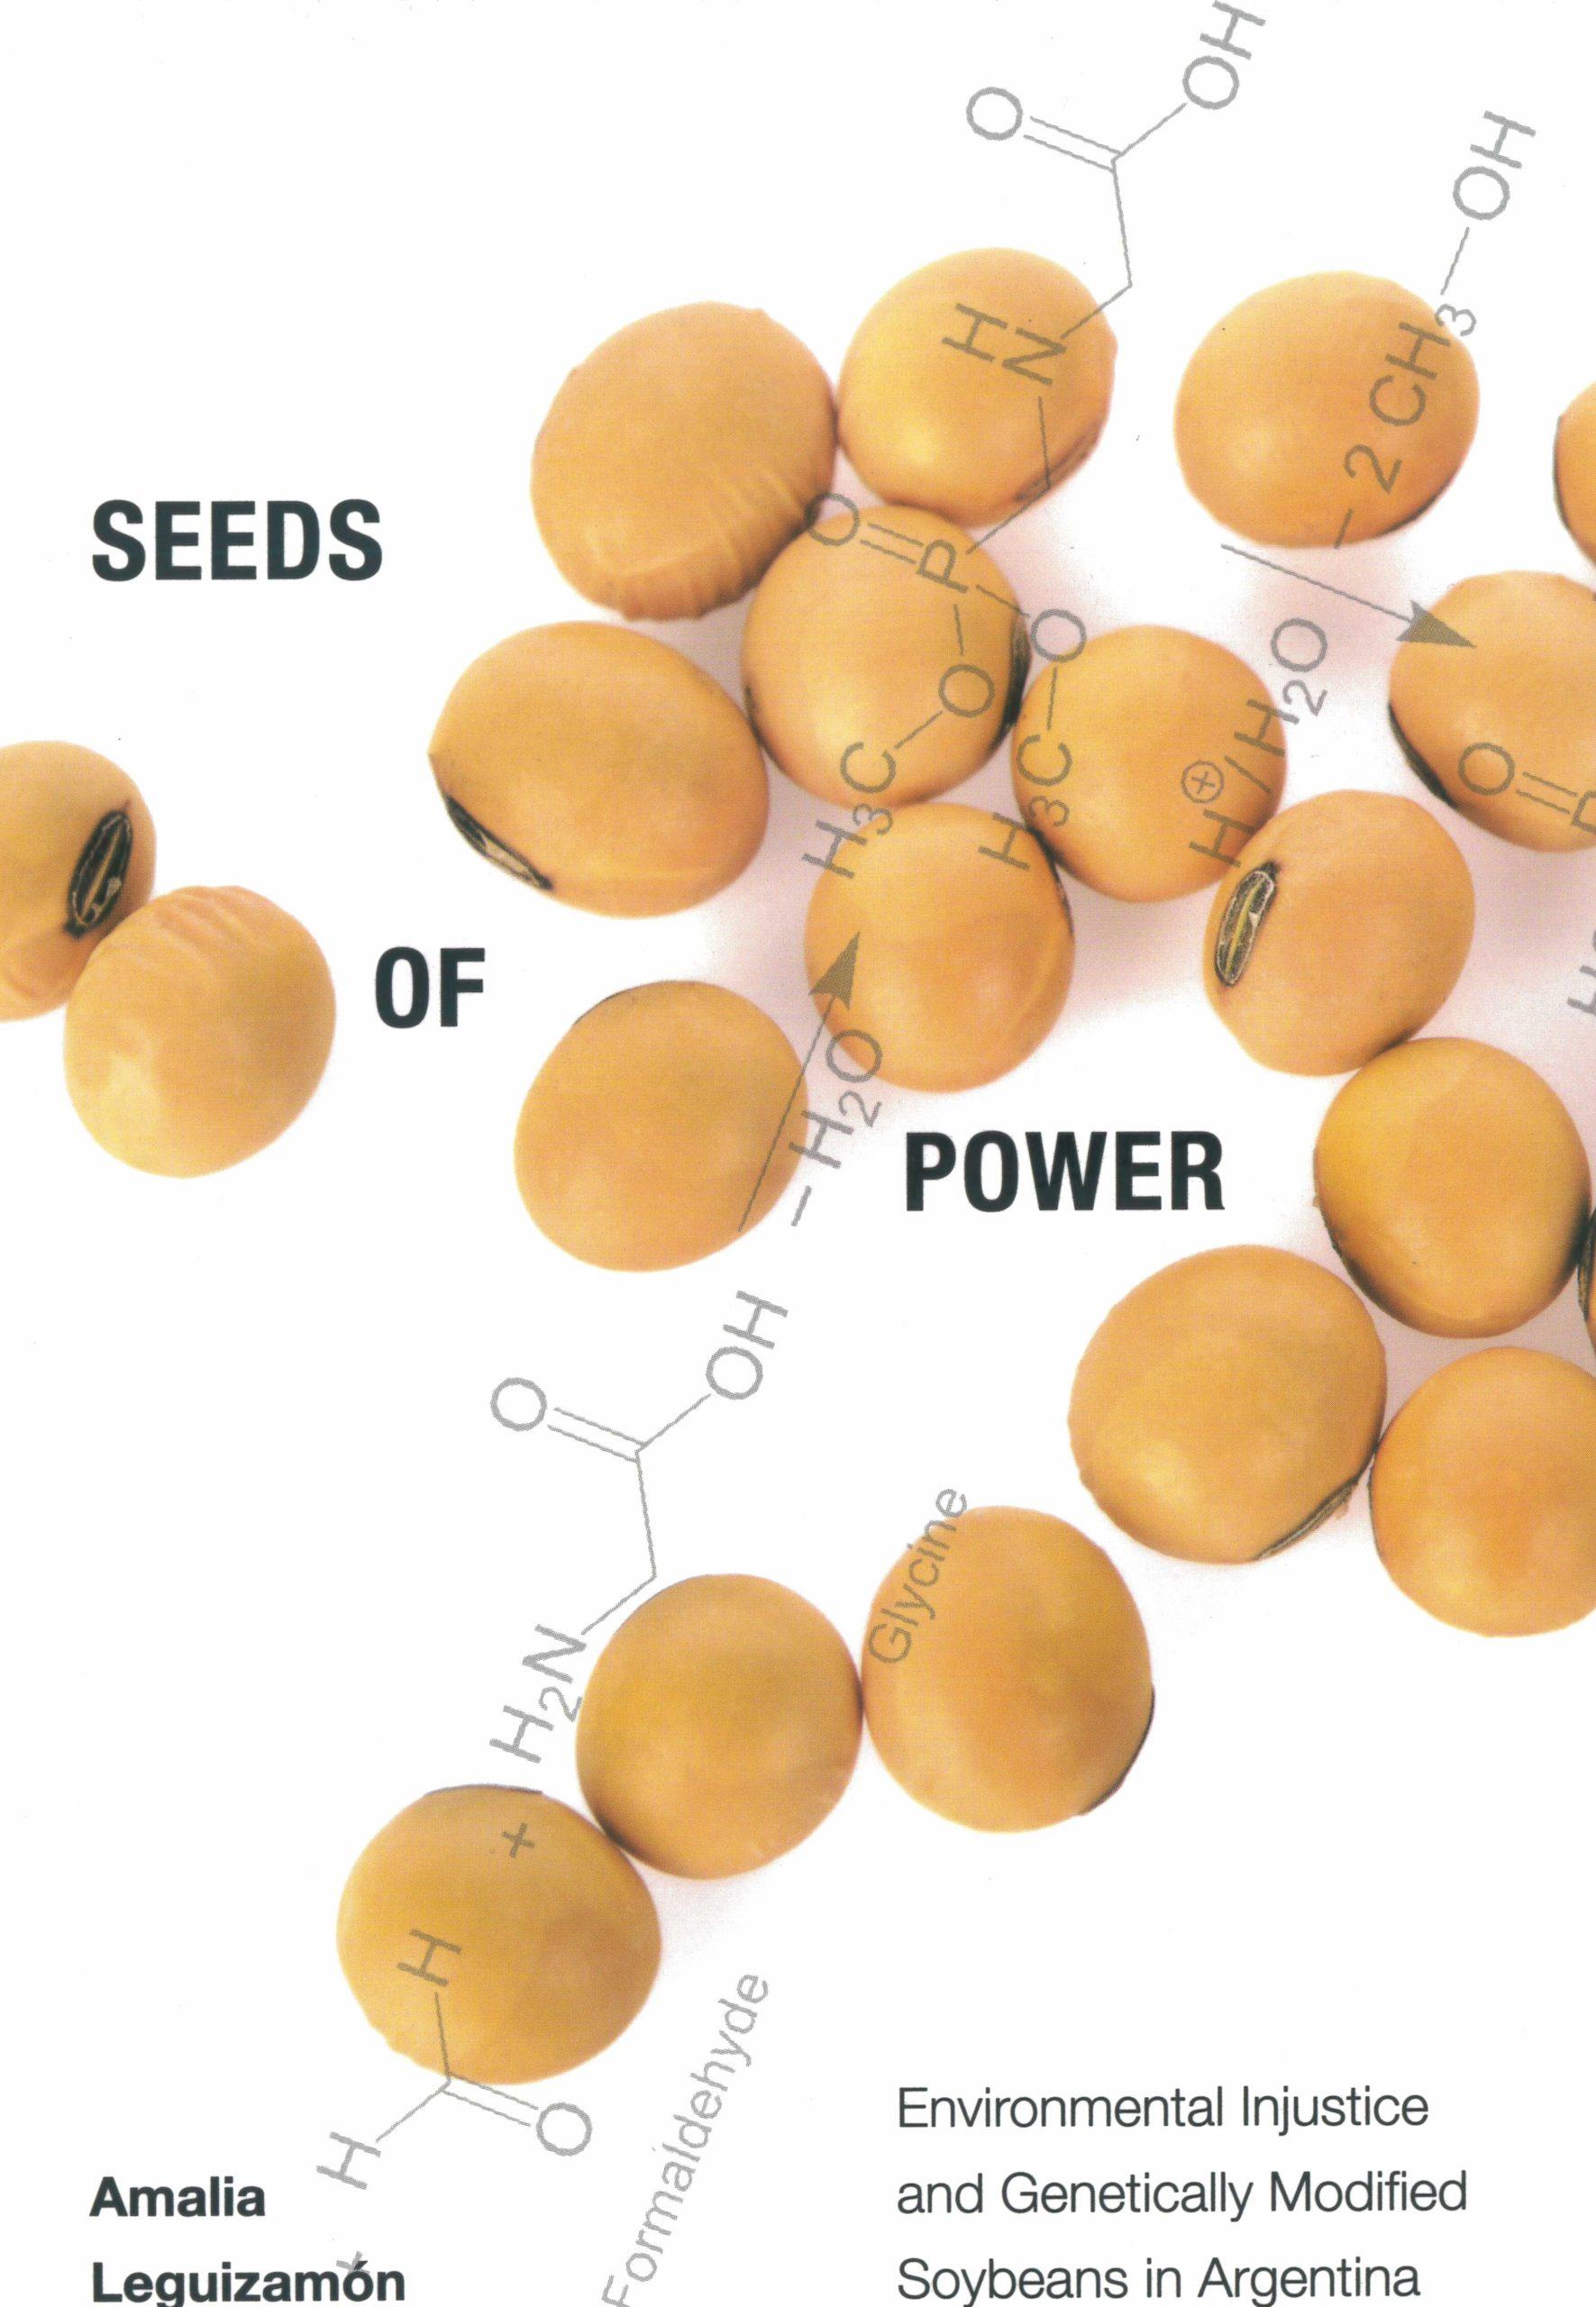 Die Abbildung zeigt das Cover des Buches Seeds of Power von Amalia Leguizamón, neben den Titelangaben enthält es stilisierte chemische Formeln und ein eingearbeitetes Foto von Sojabohnen.